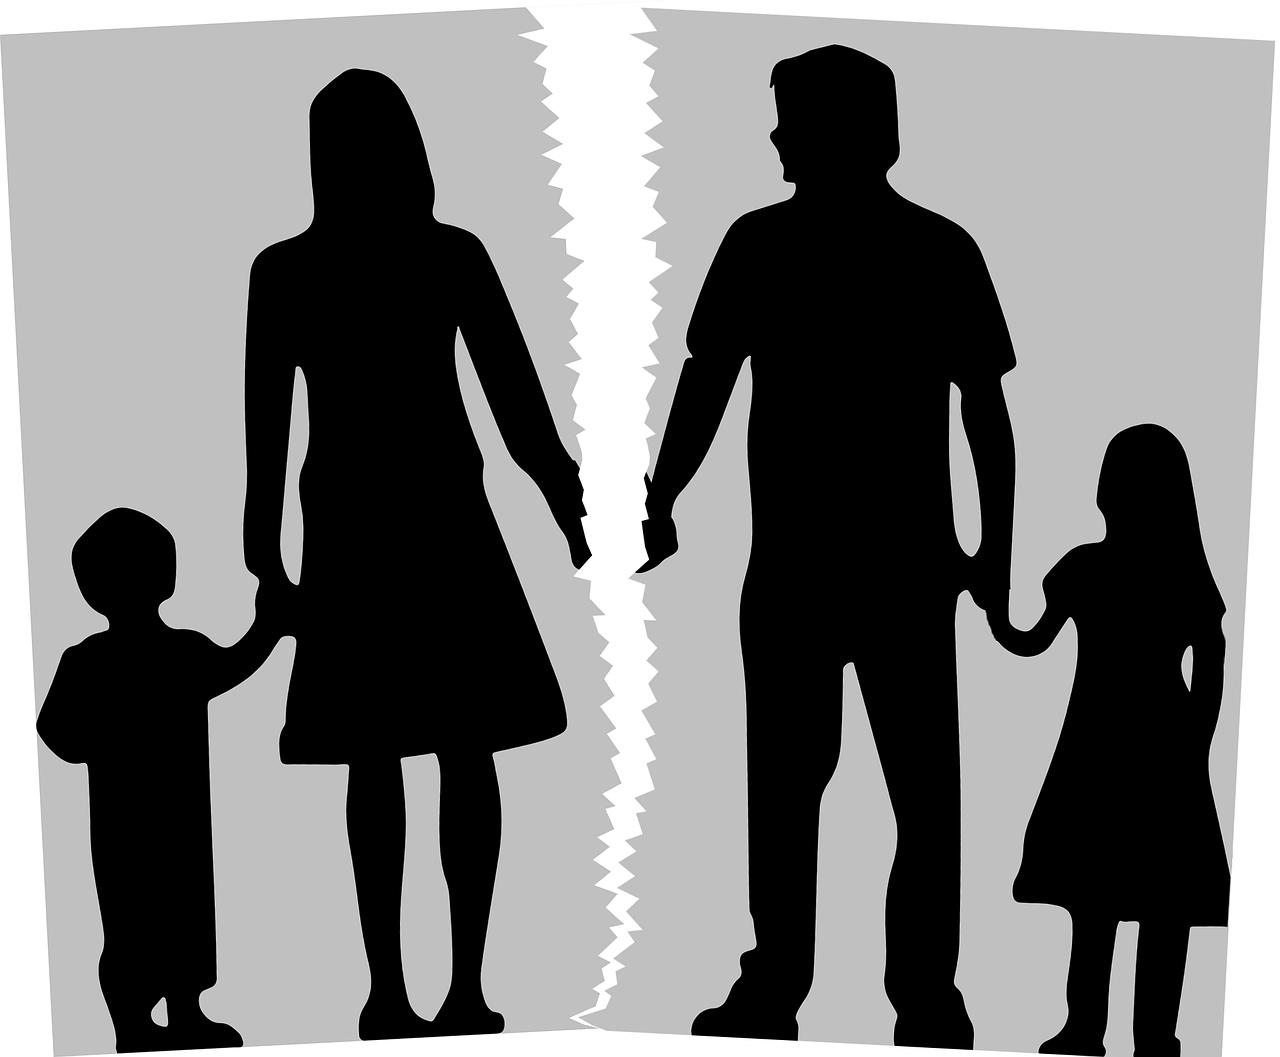 【夫婦関係のお悩み】別居→修復が難しくなるの?離婚回避の方法とは